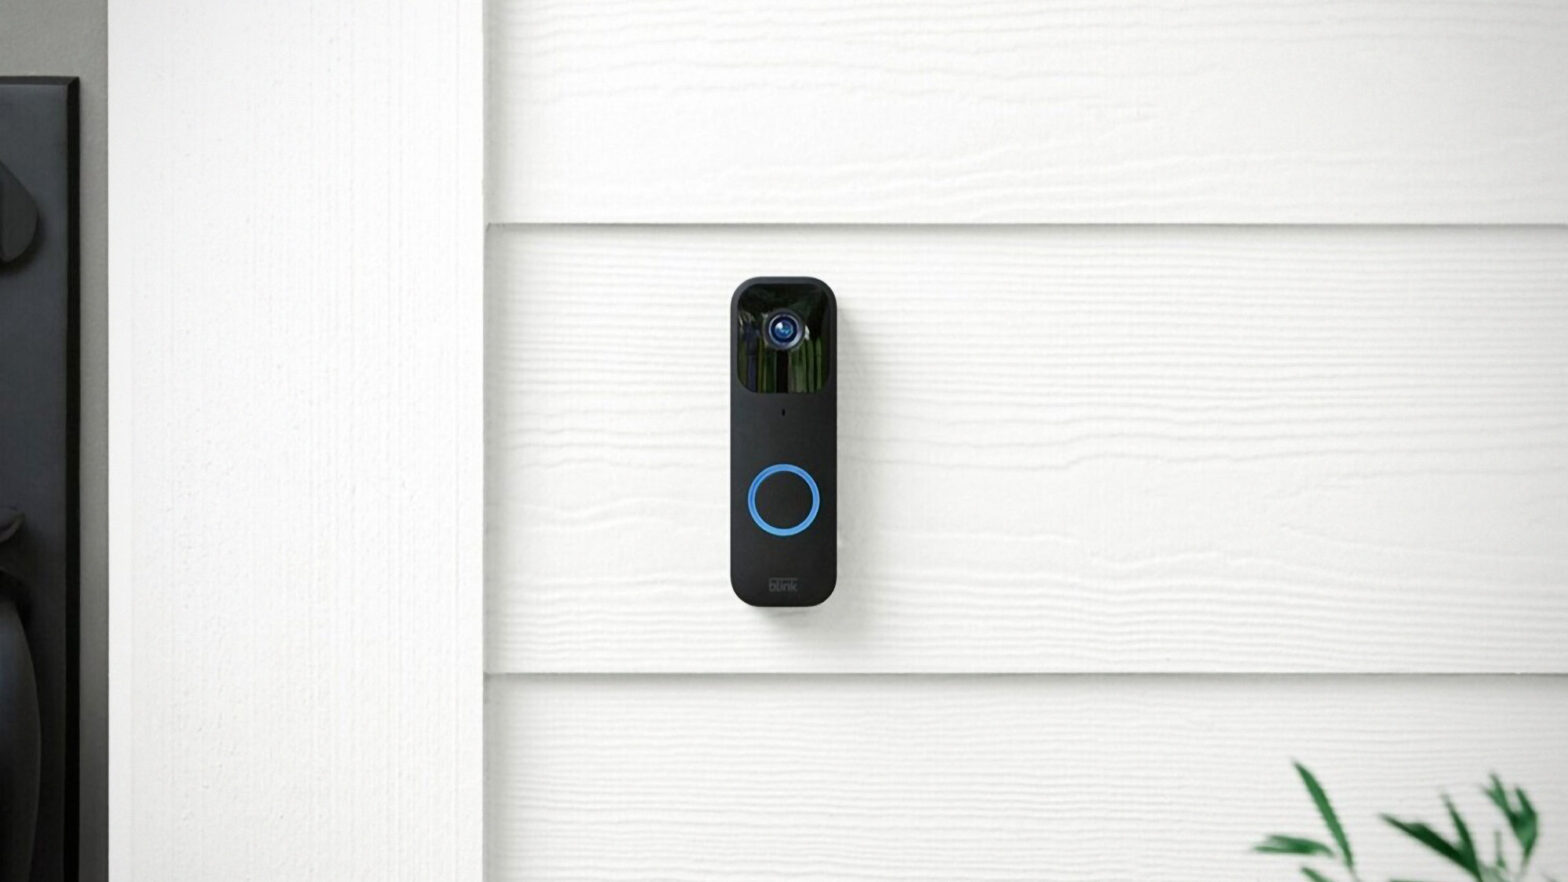 Amazon Blink Video Doorbell Announced